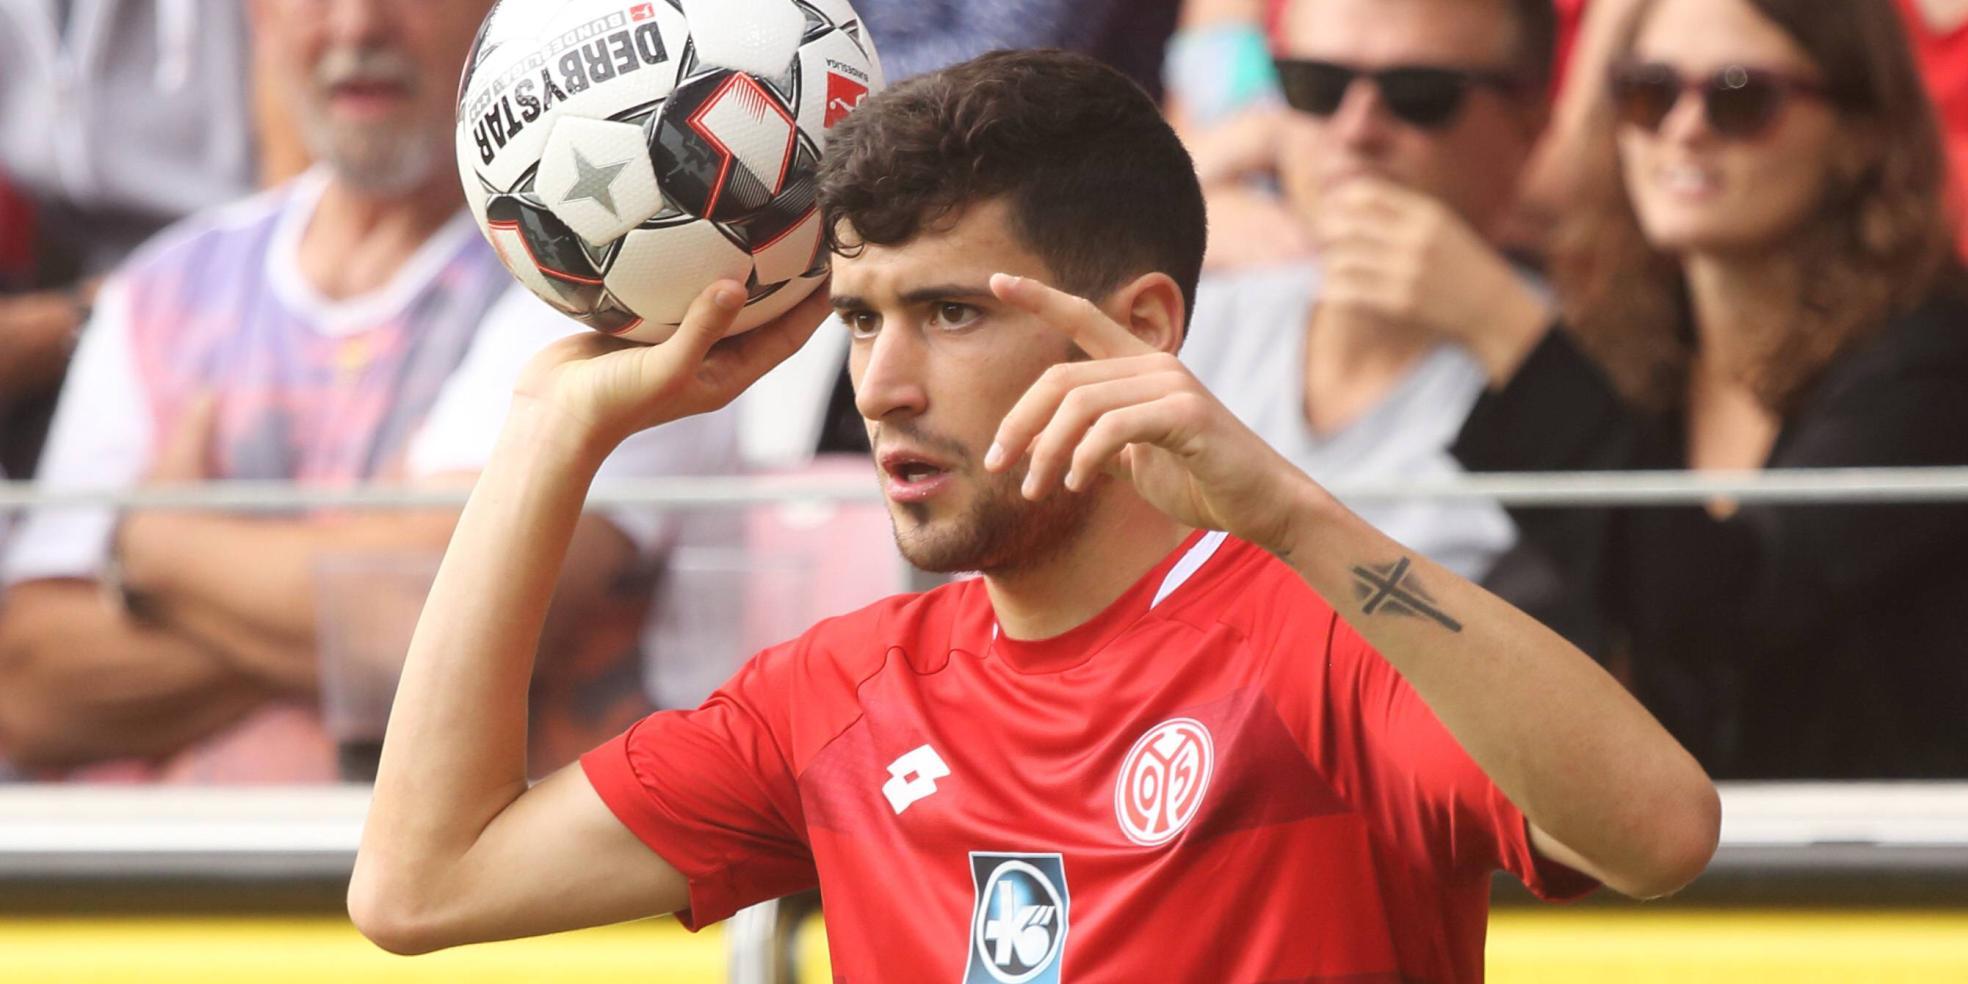 Aaron Martin vom FSV Mainz 05